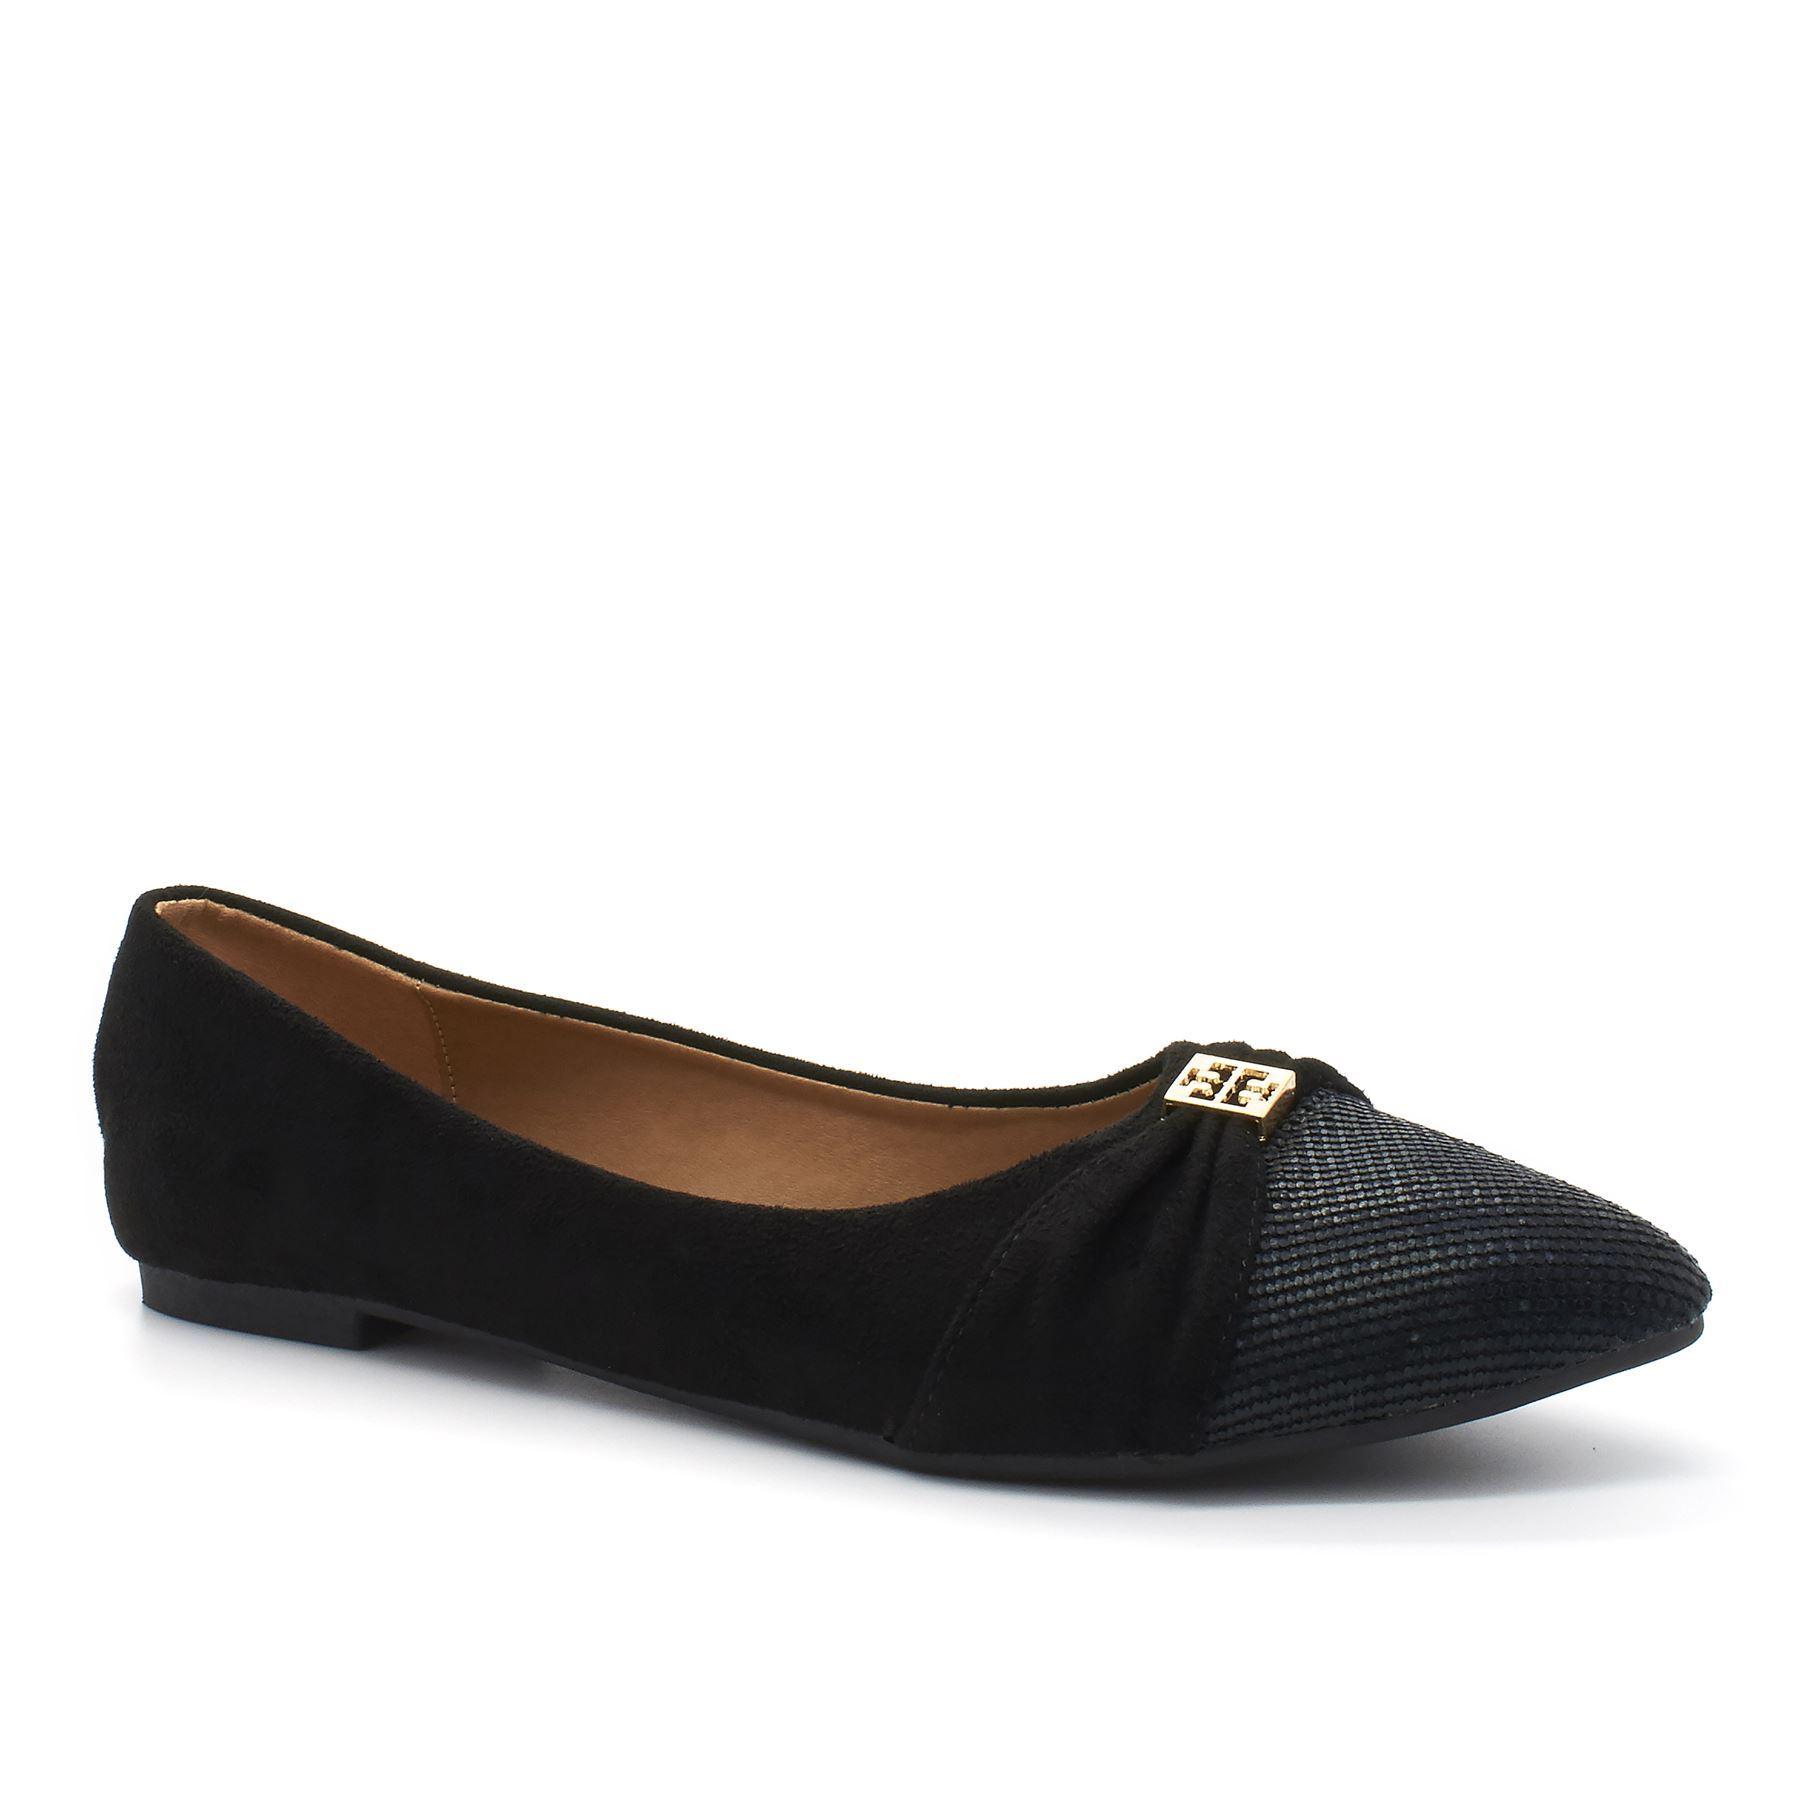 Zapatos de ballet negro ante punta de diamantes de imitación del resbalón en las bombas planas para las mujeres 9gn7z5